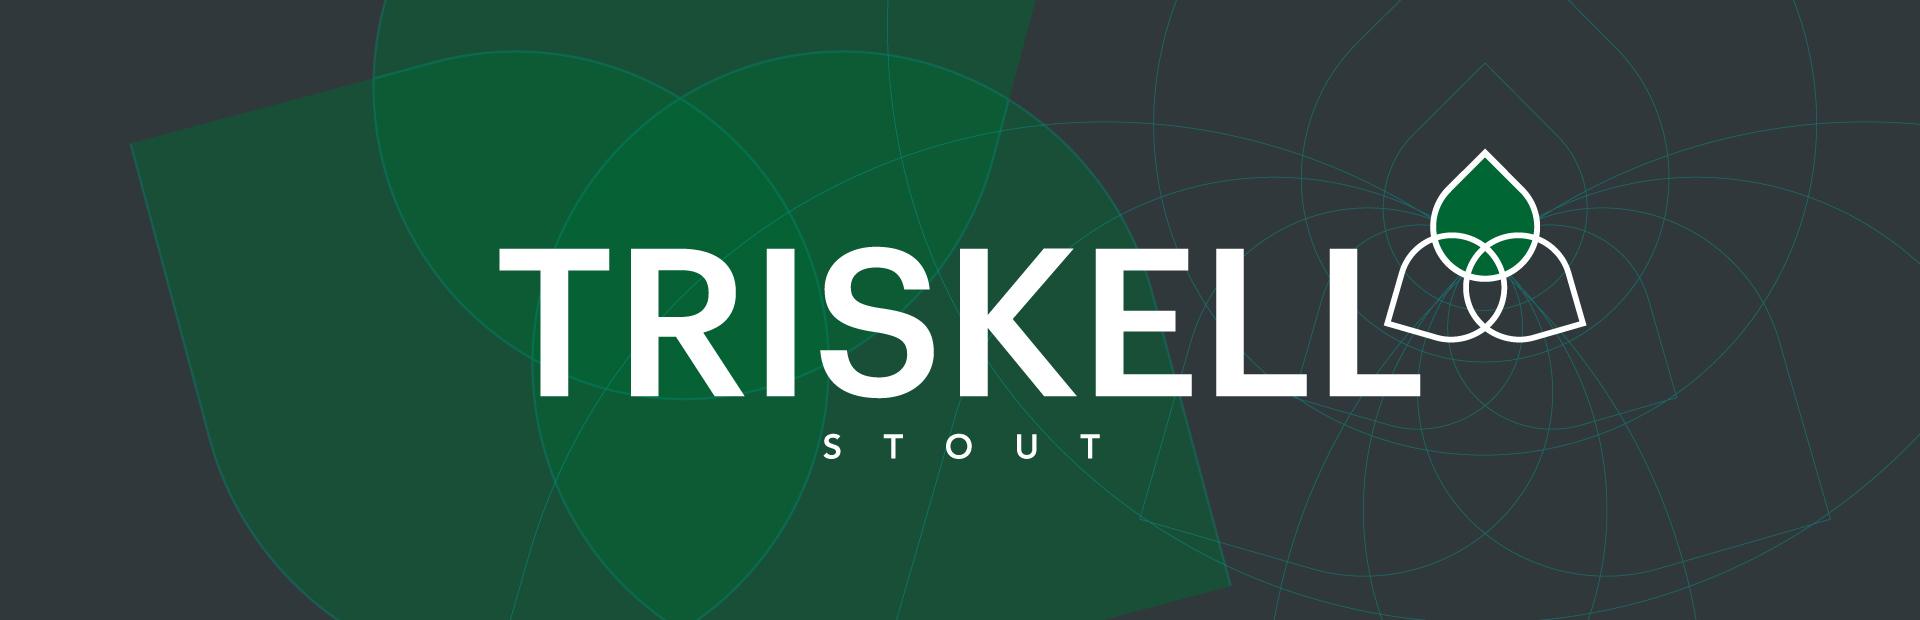 Triskell, etichetta